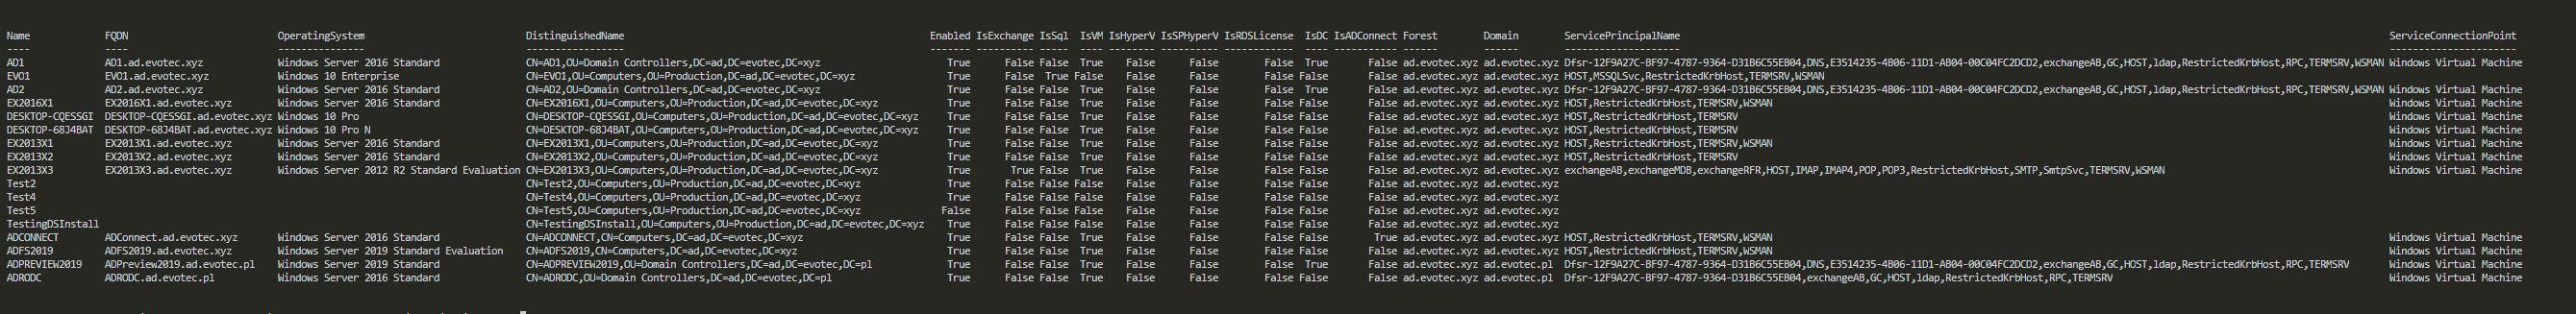 Find-ServerTypes